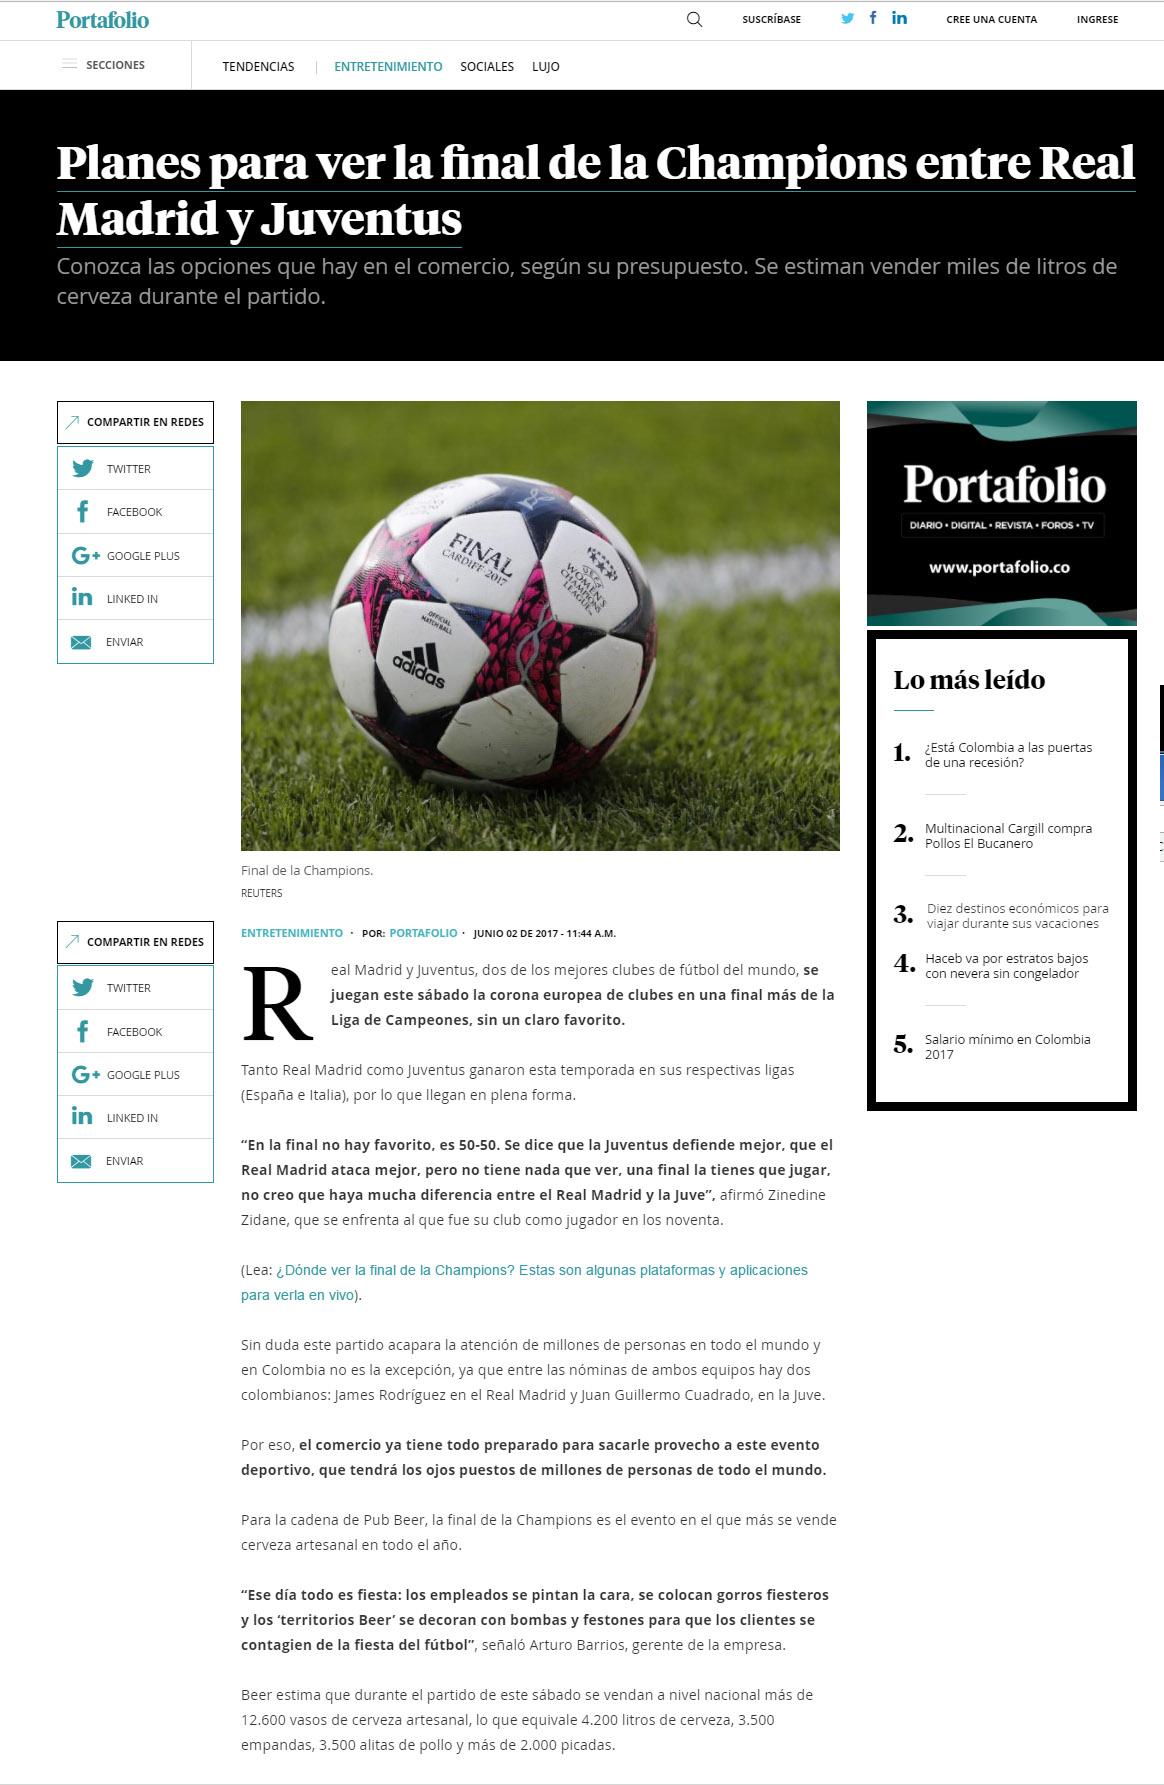 Publicación Portafolio